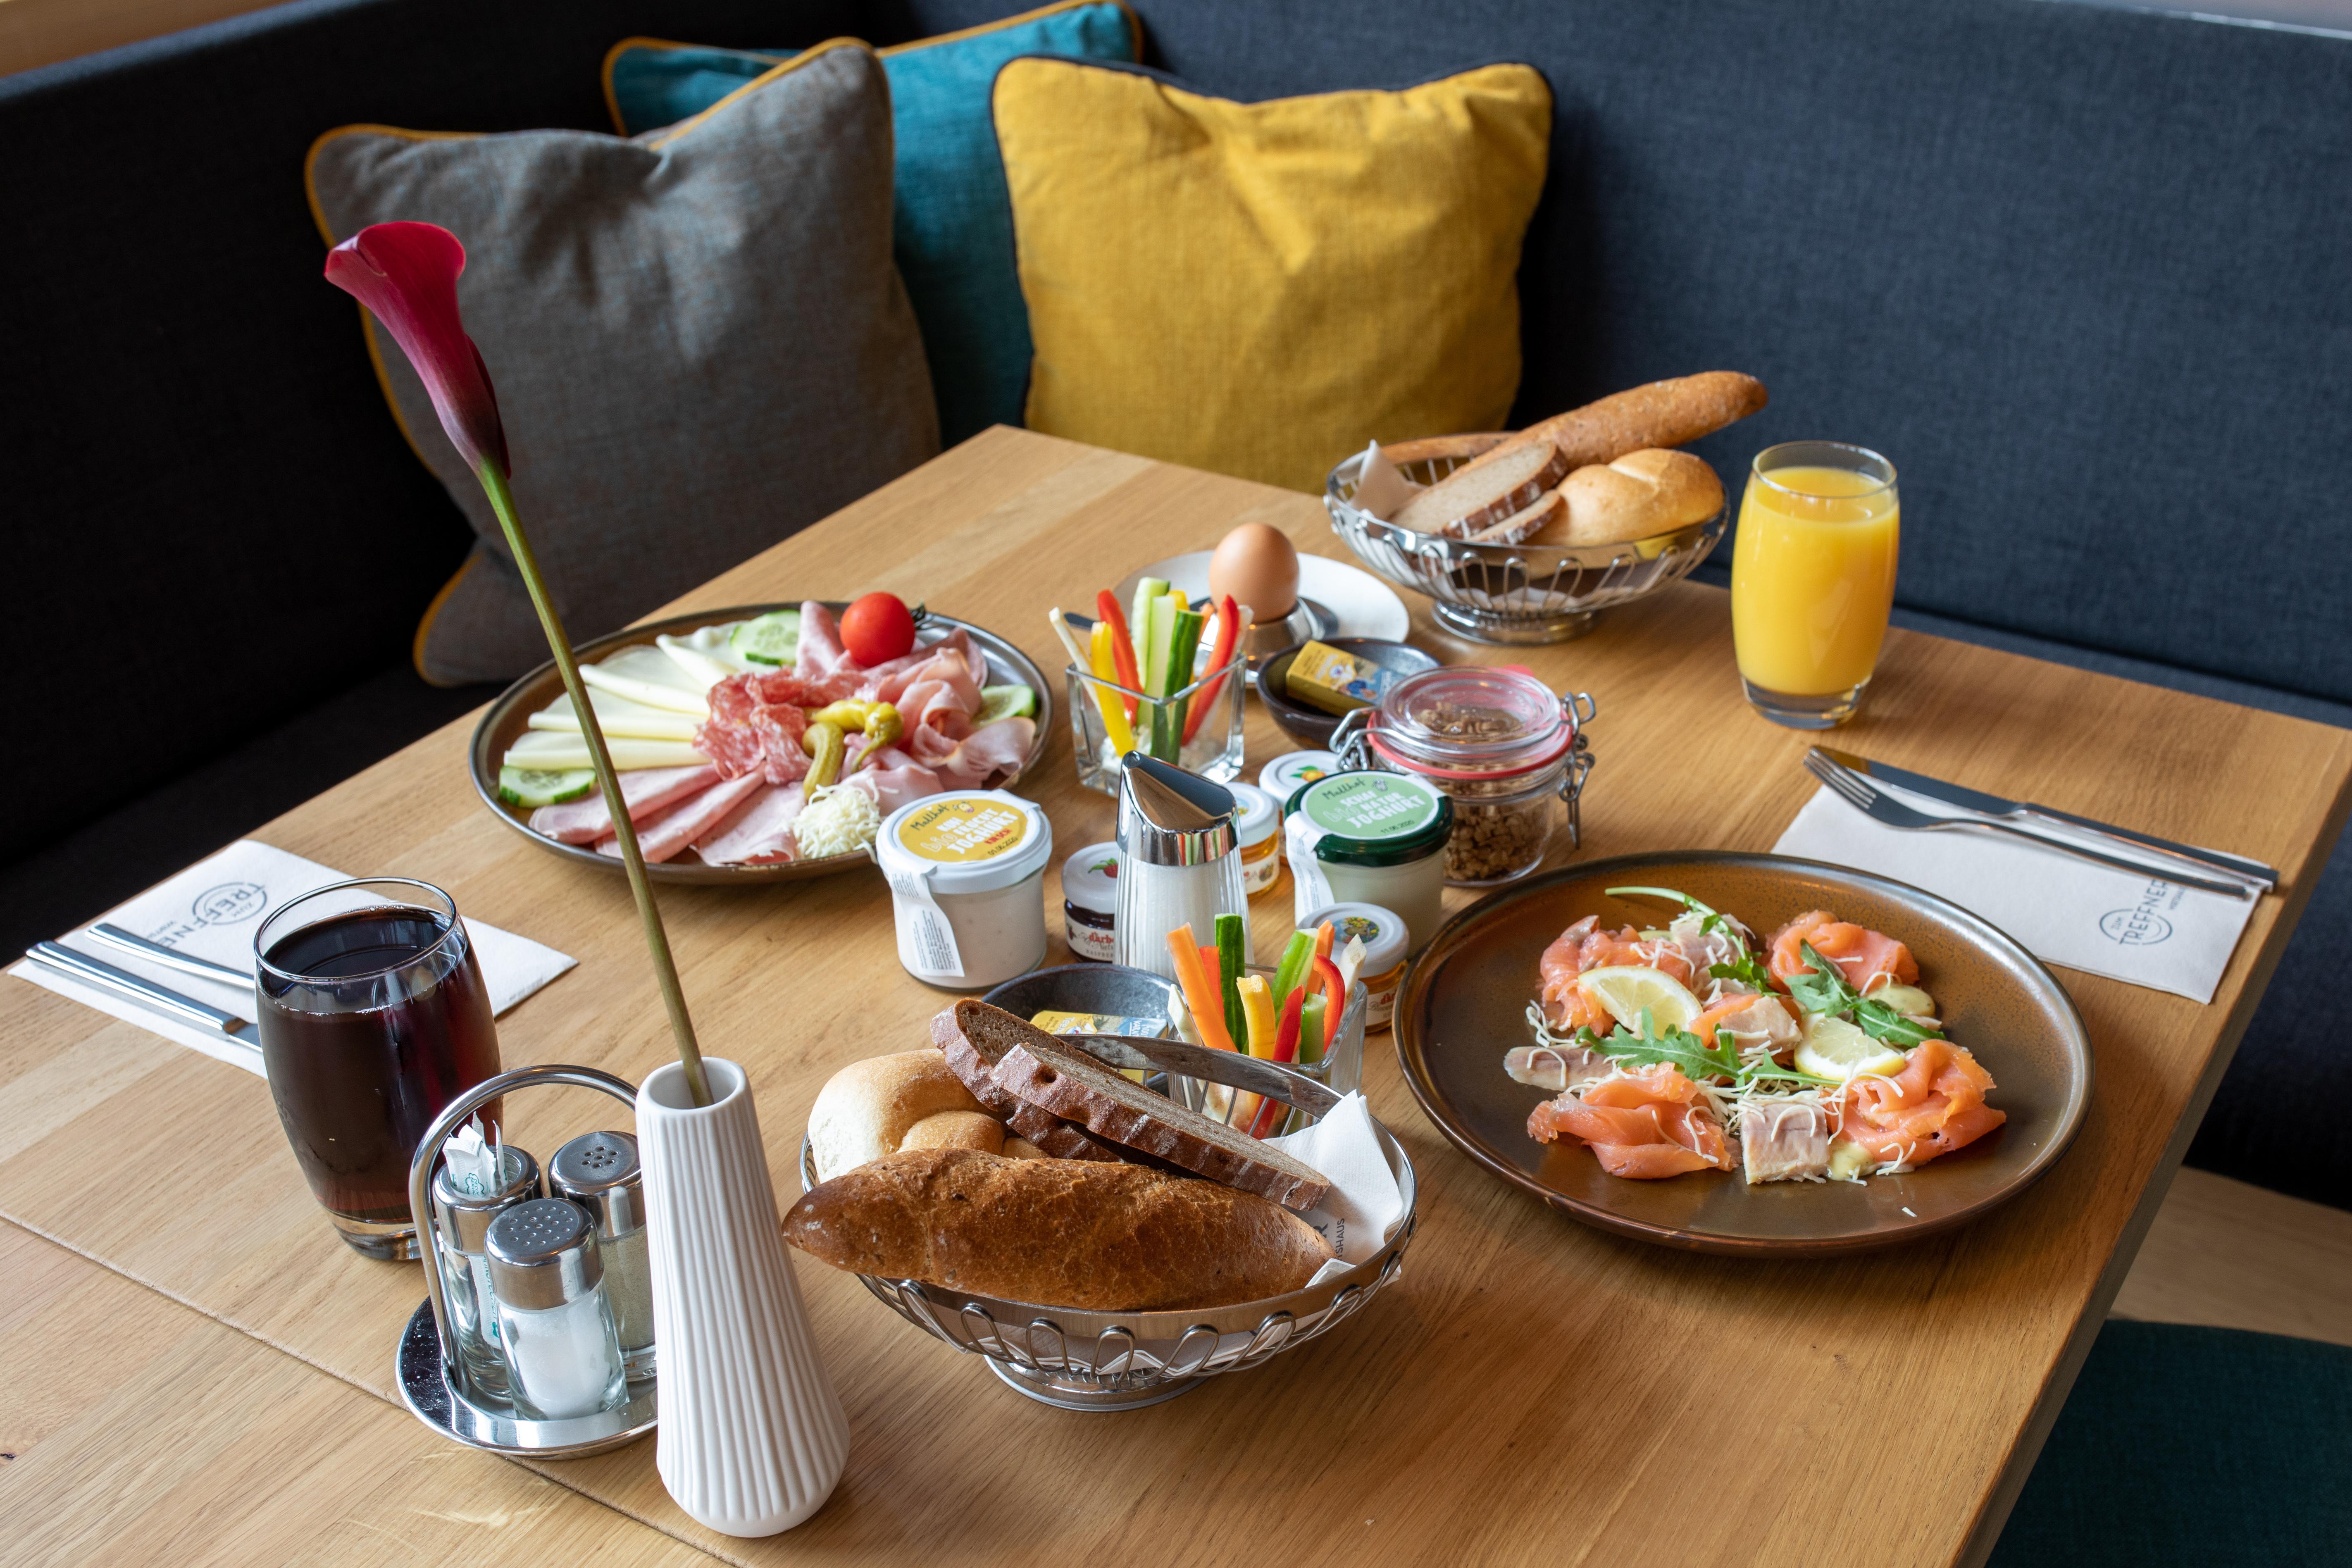 Das vielfältige Frühstück bei Villach